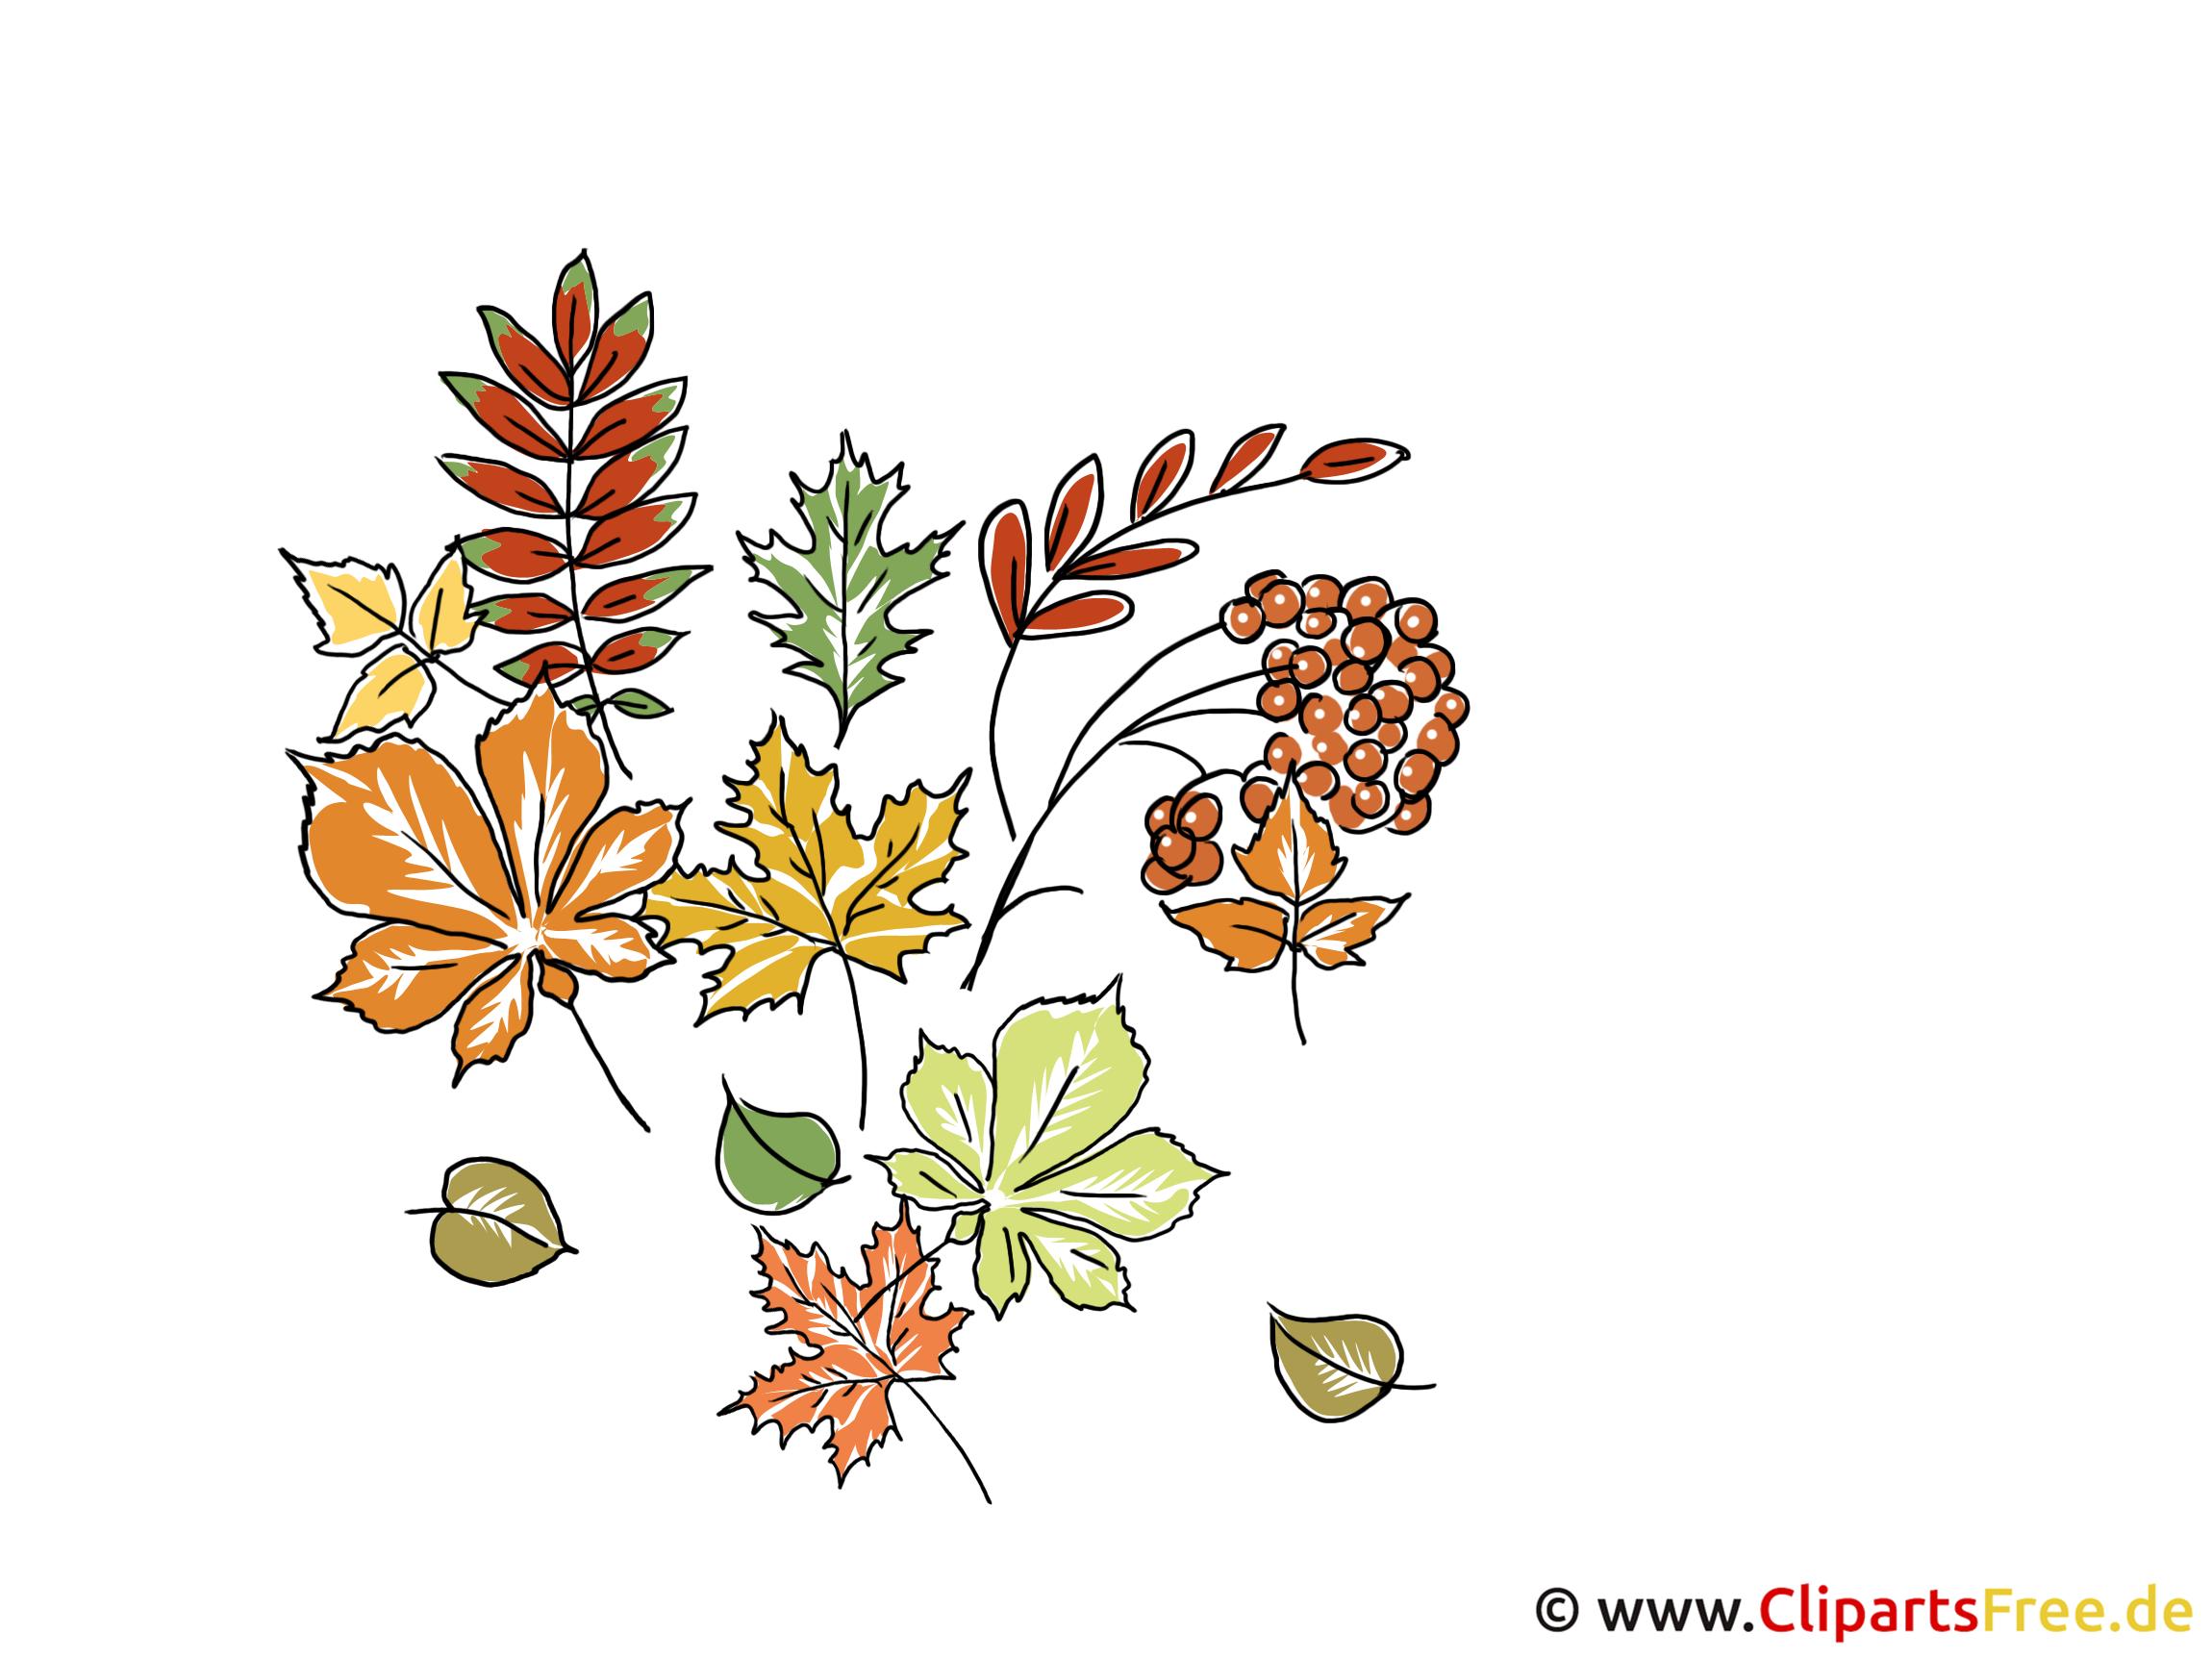 Clipart Und Bilder Herbst 5421 on Ausmalbilder Herbst